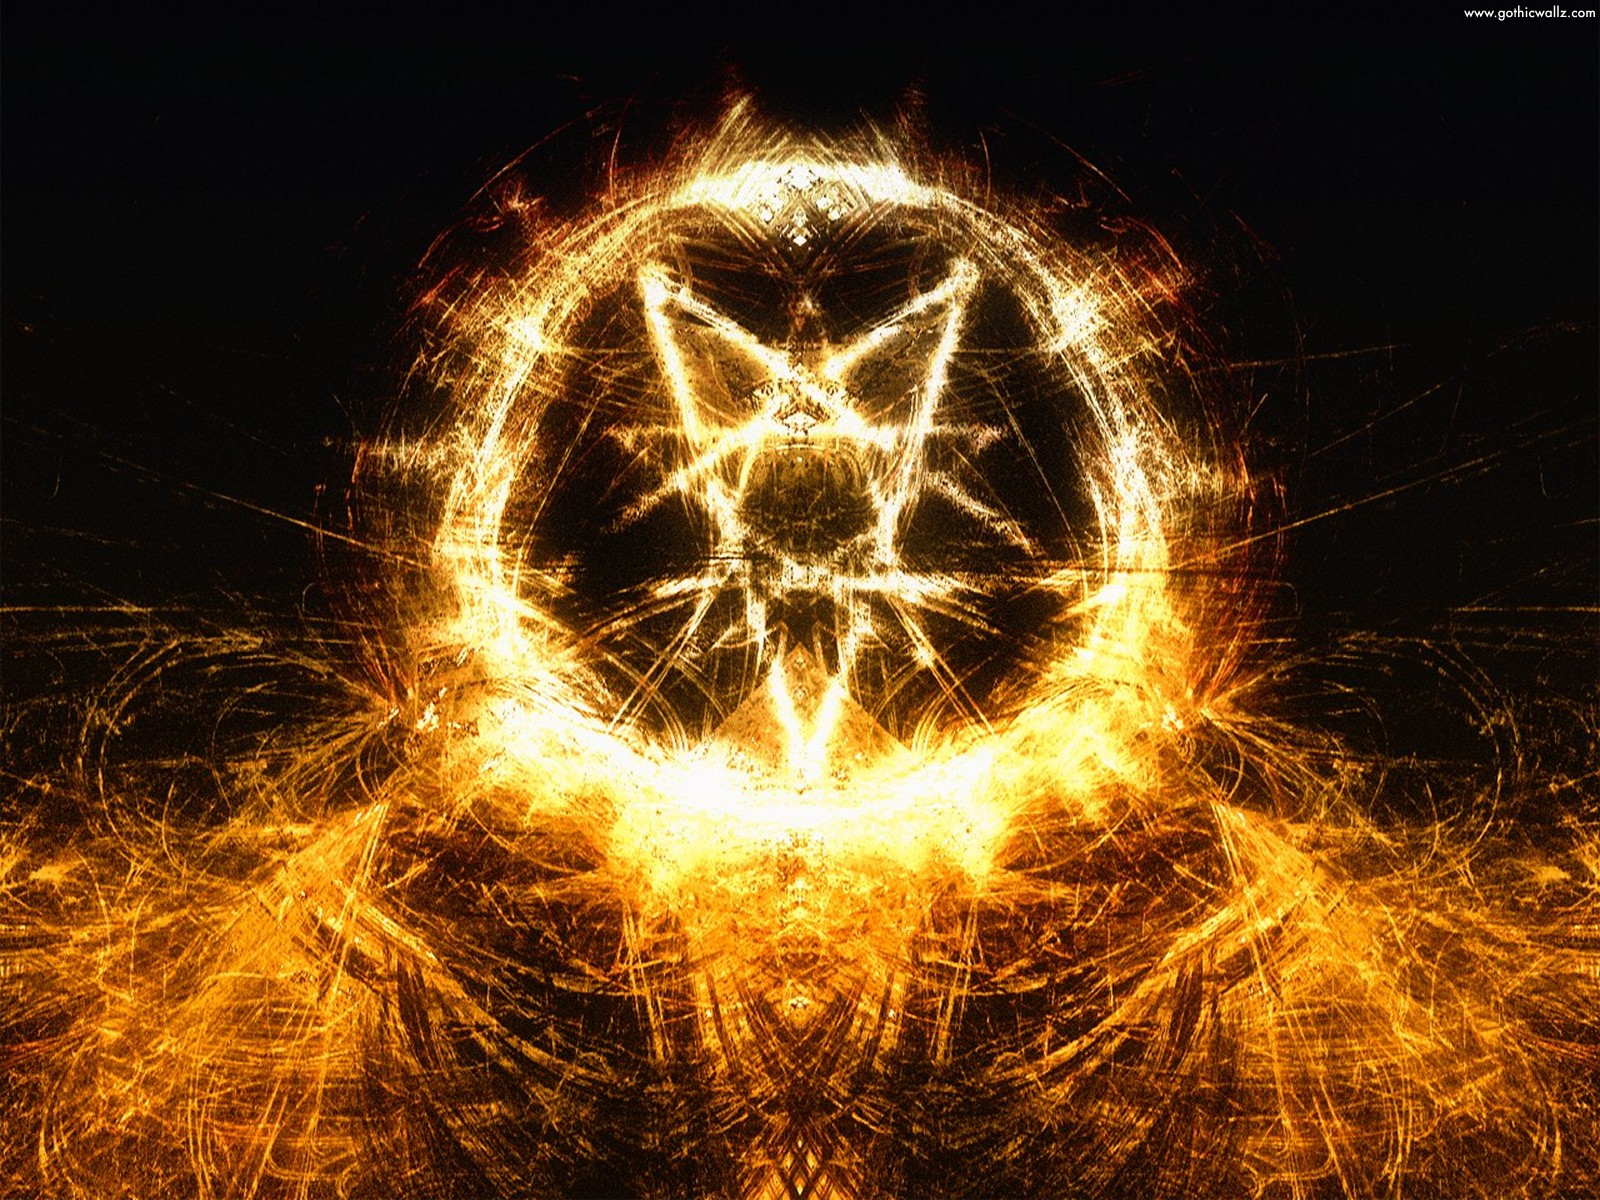 http://2.bp.blogspot.com/-RRT7DqKsBbA/Te99oQTLsQI/AAAAAAAAI5w/d8j1W8xVUf0/s1600/abstract-satanic%2B%2528www.gothicwallz.com%2529.jpg